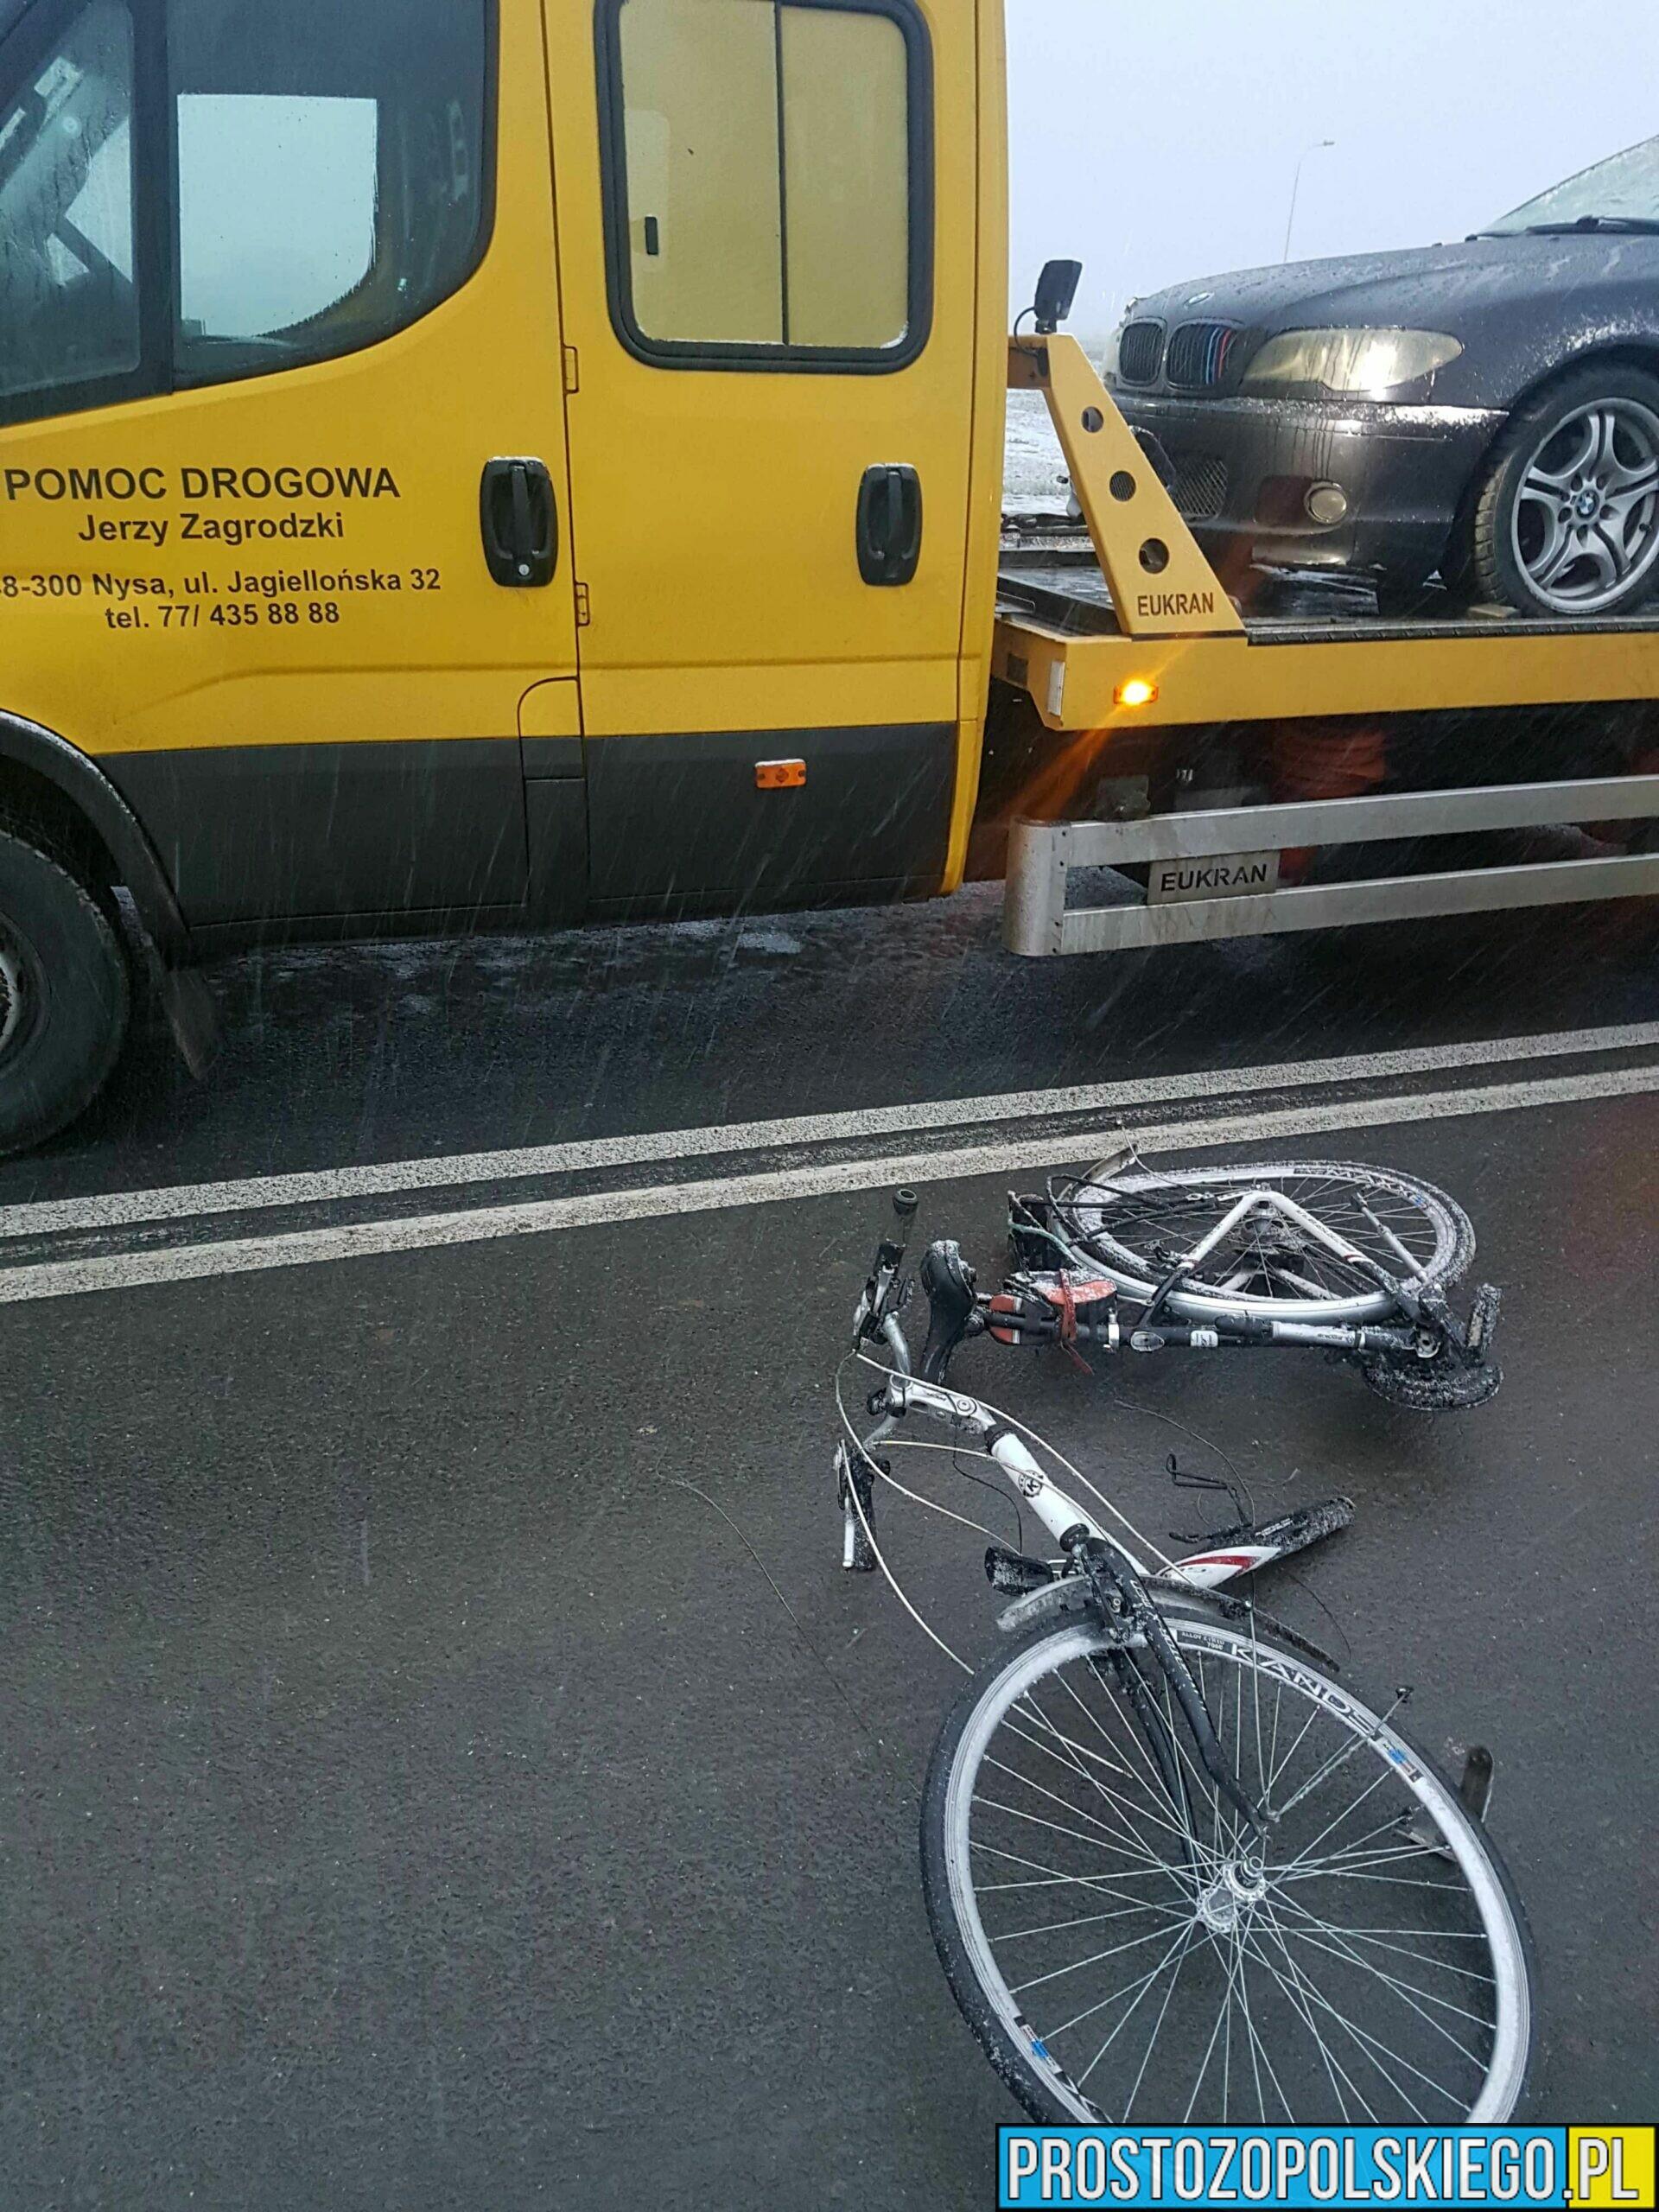 Rowerzysta śmiertelnie potrącony w Nysie